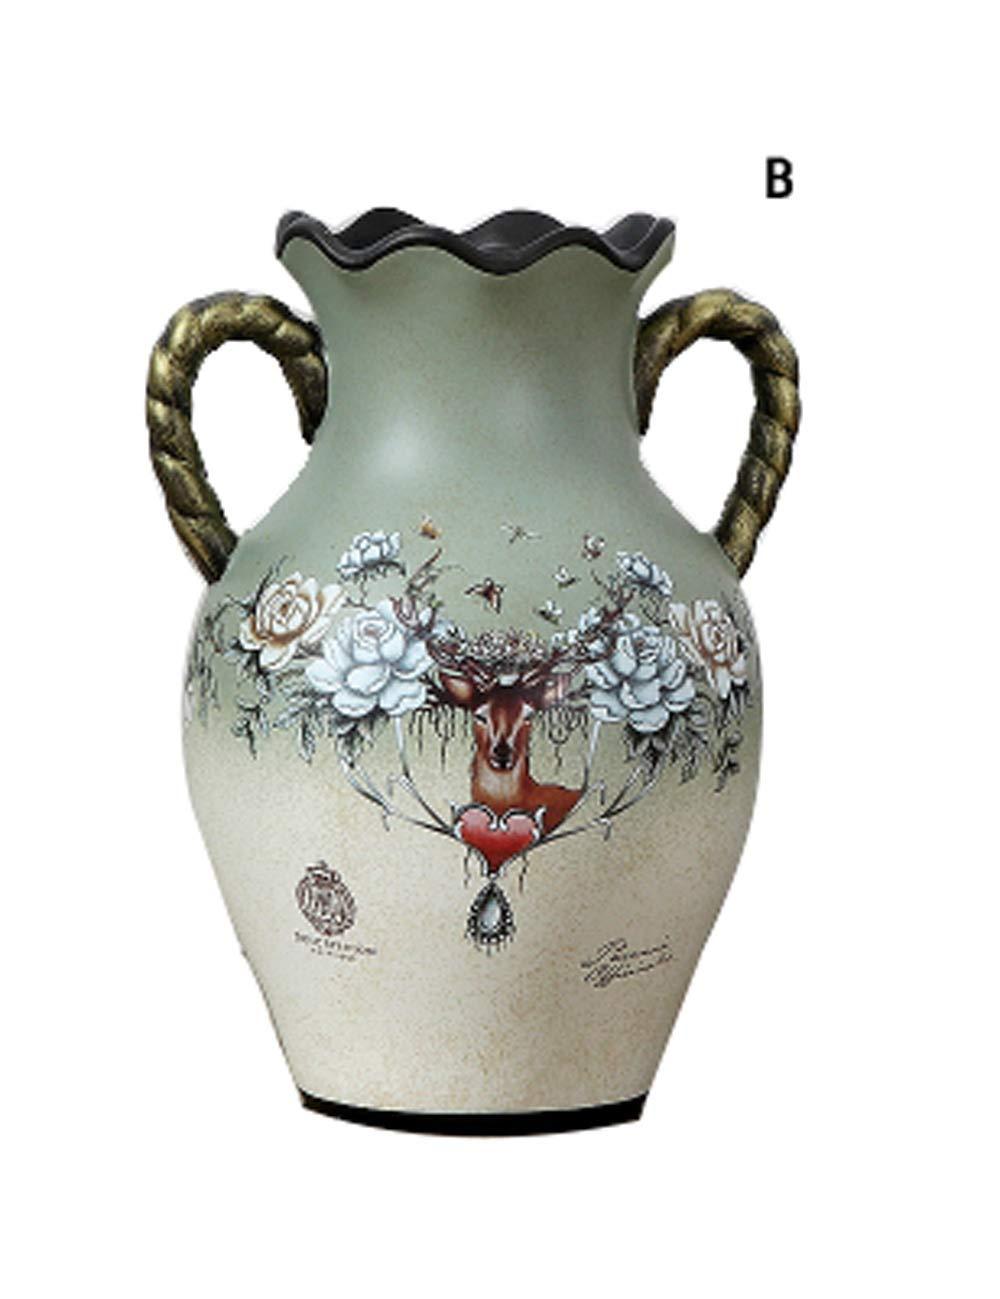 装飾品、樹脂材料のアートワーク、ヨーロッパスタイルのレトロ装飾、クリエイティブな花瓶の工芸品 (三 : B) B  B07K1C1PXF